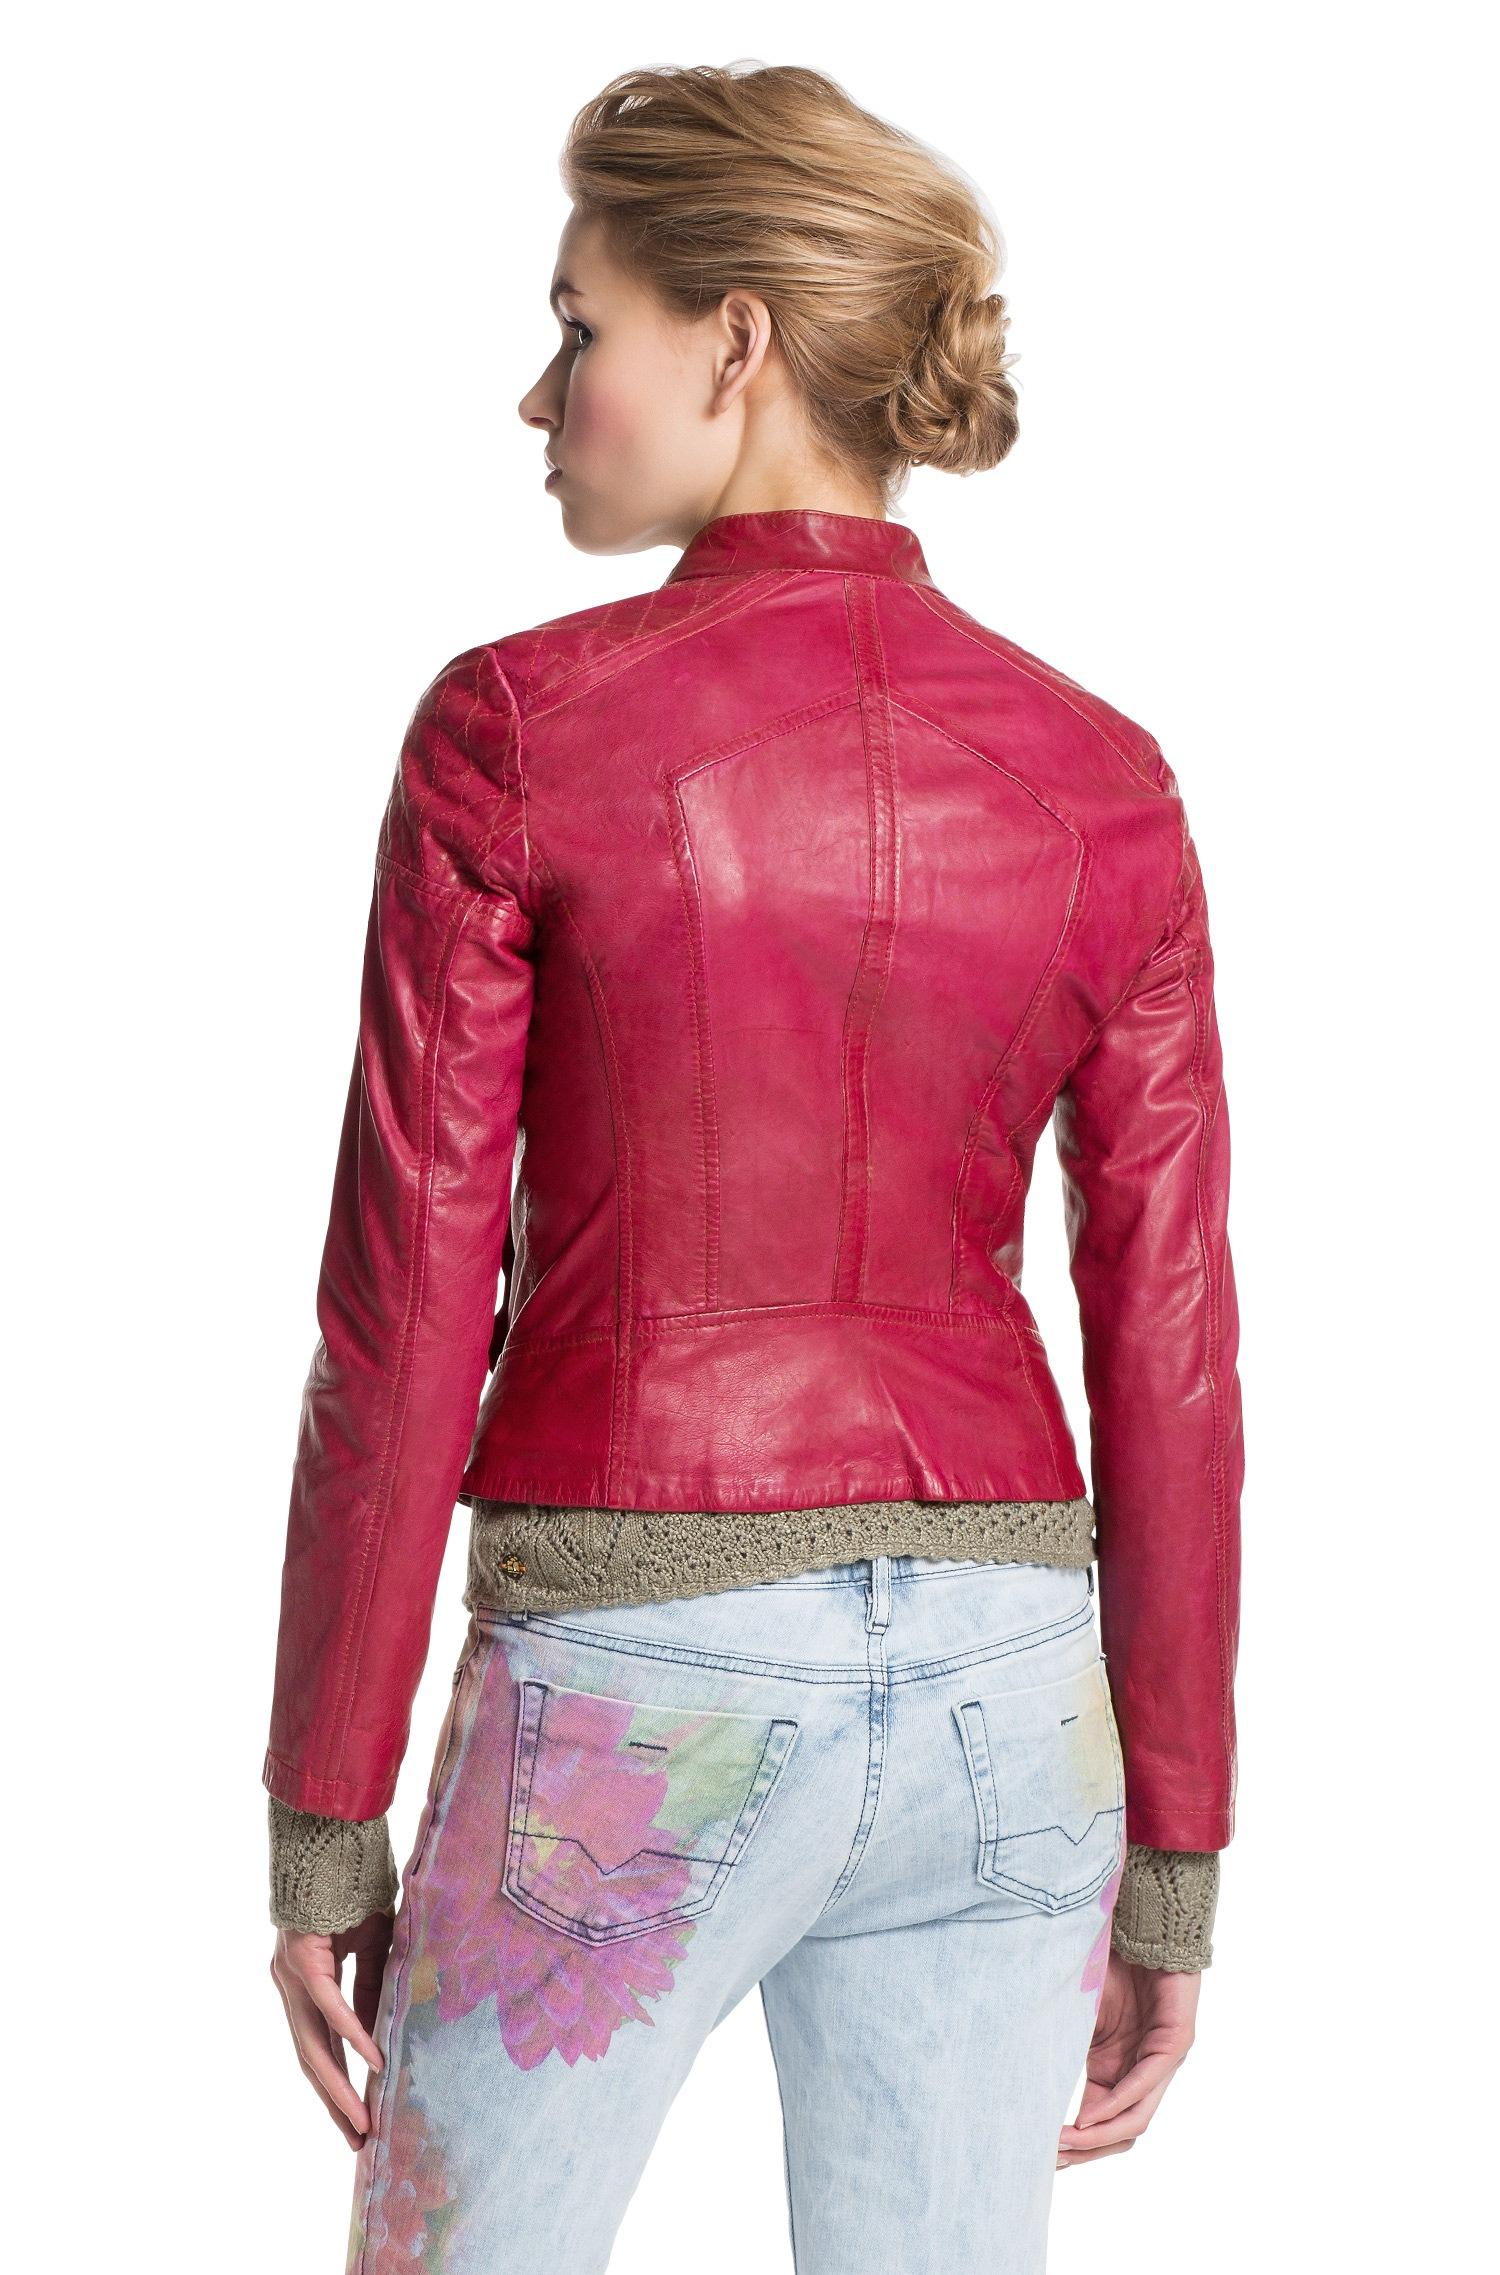 Boss Orange Leather Jacket Janassila In Lambskin In Pink